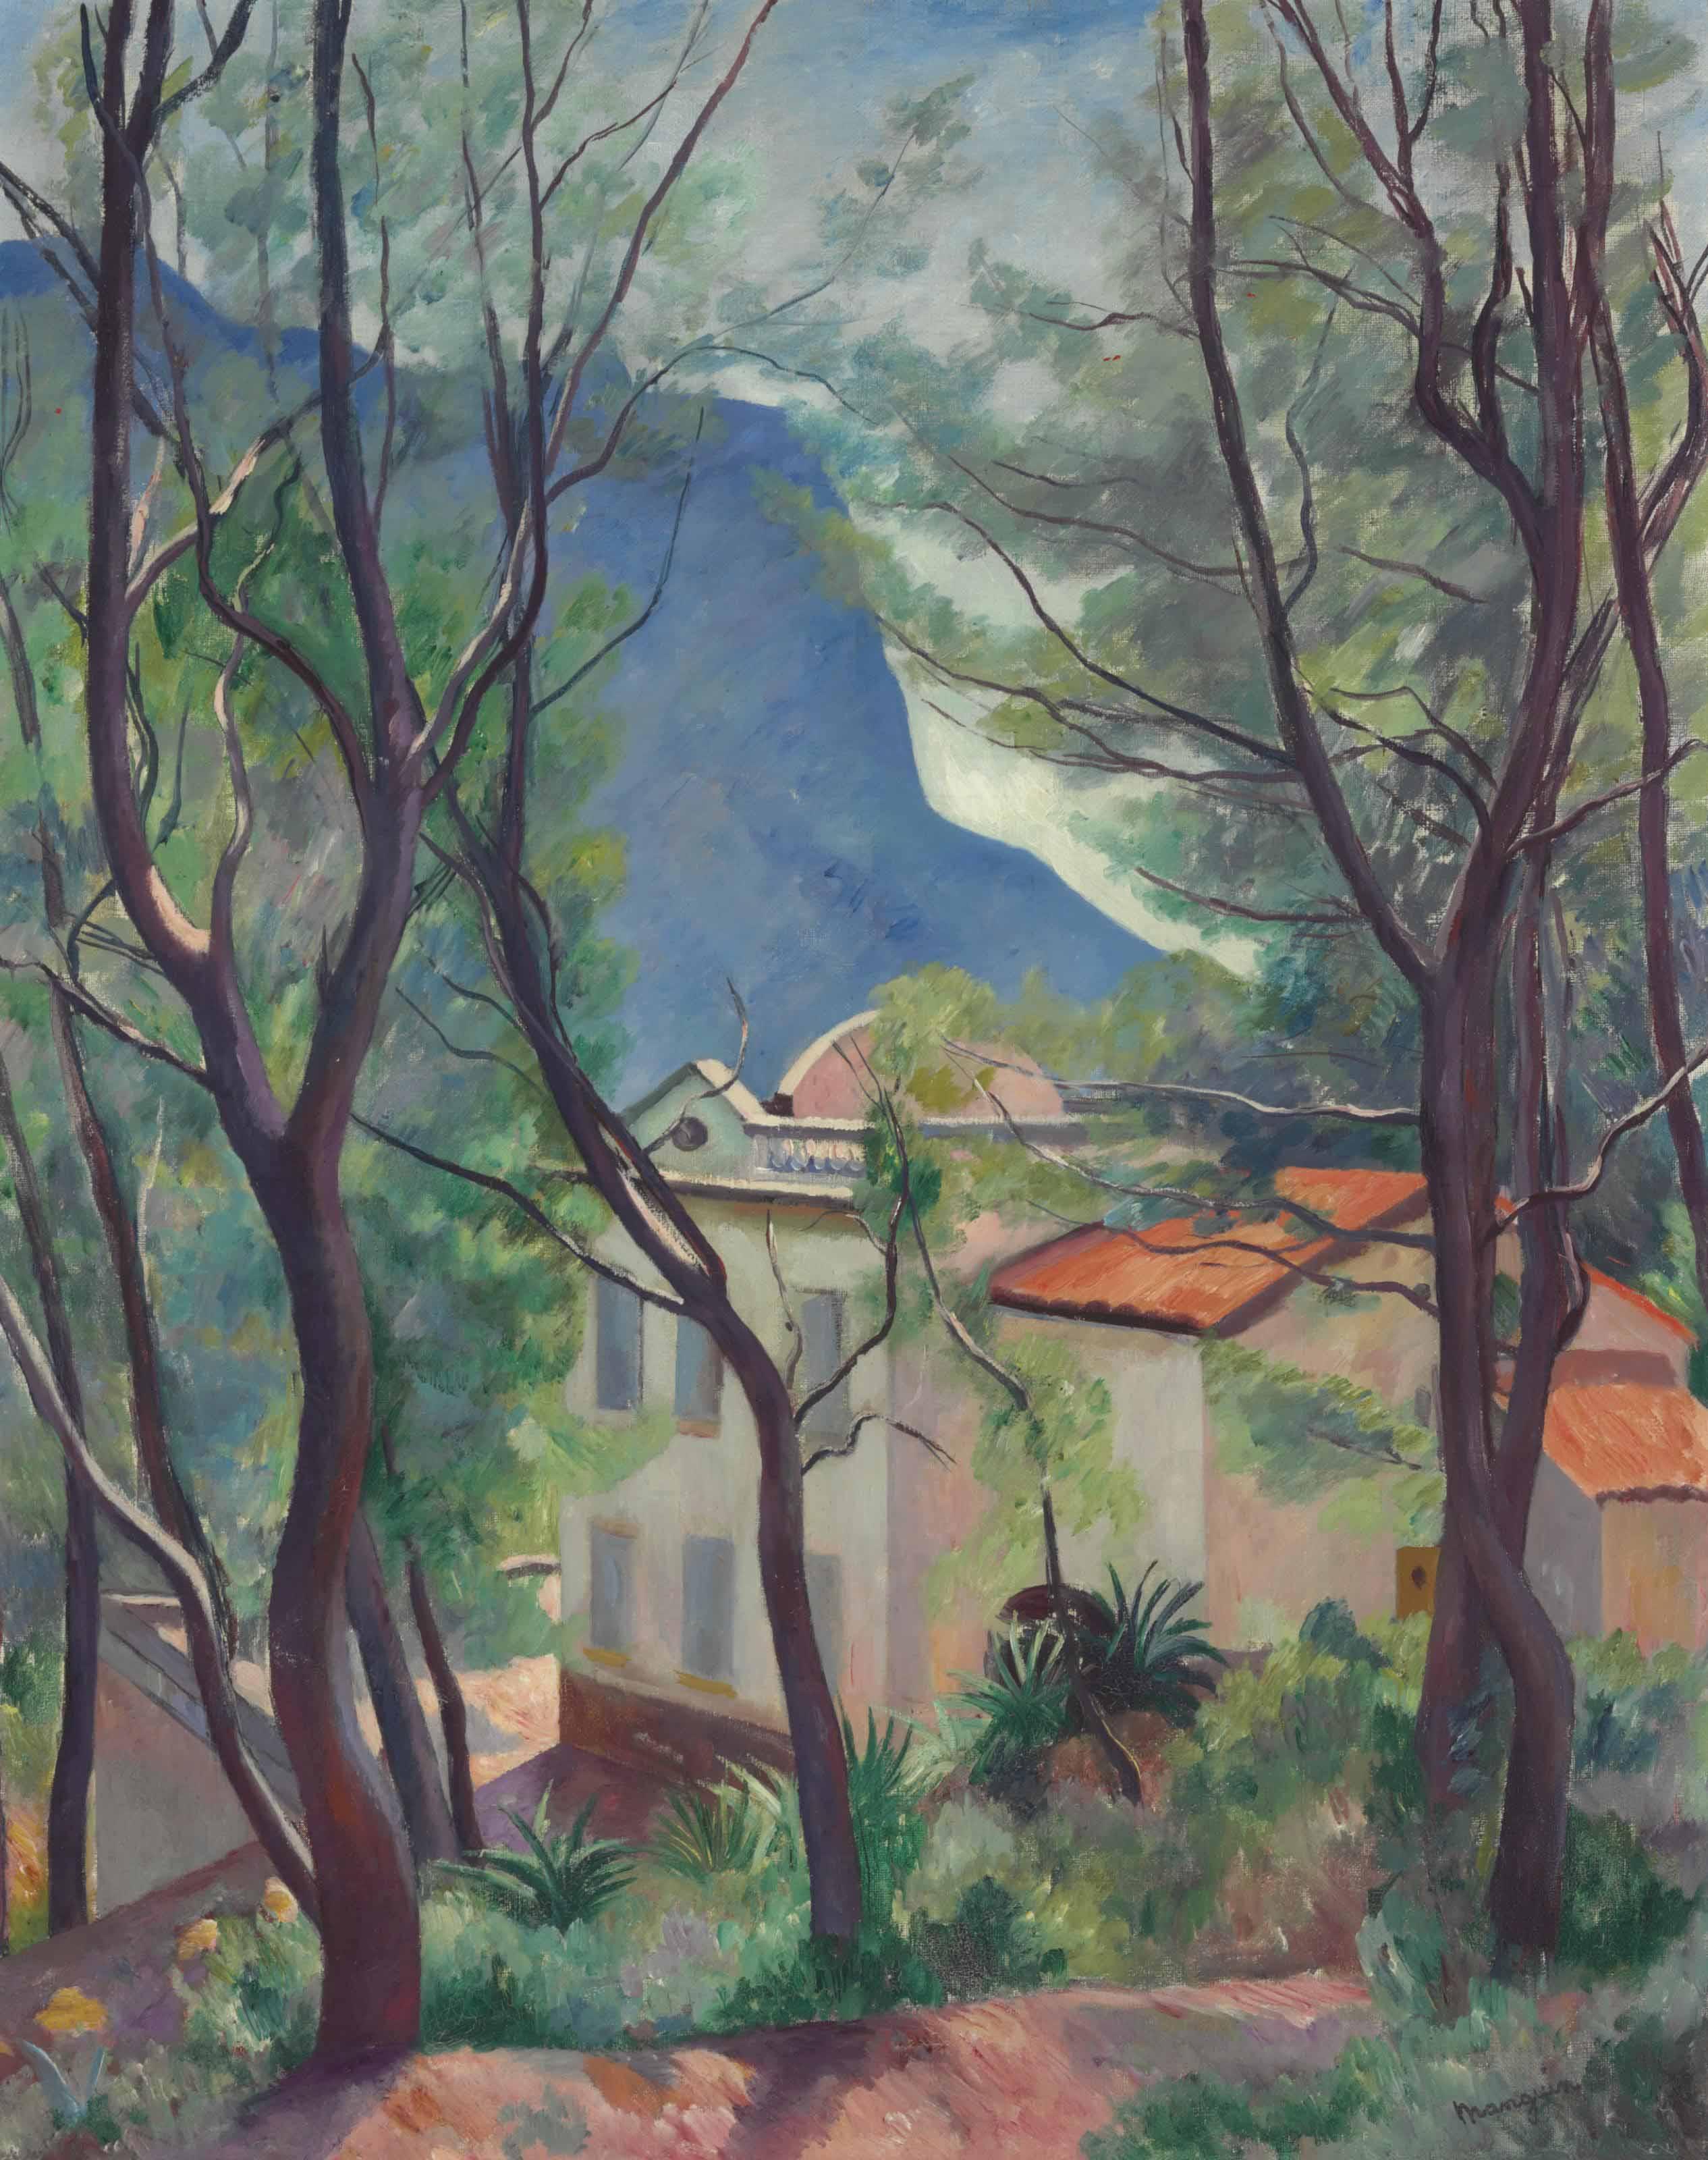 La maison dans les arbres, Villecroze